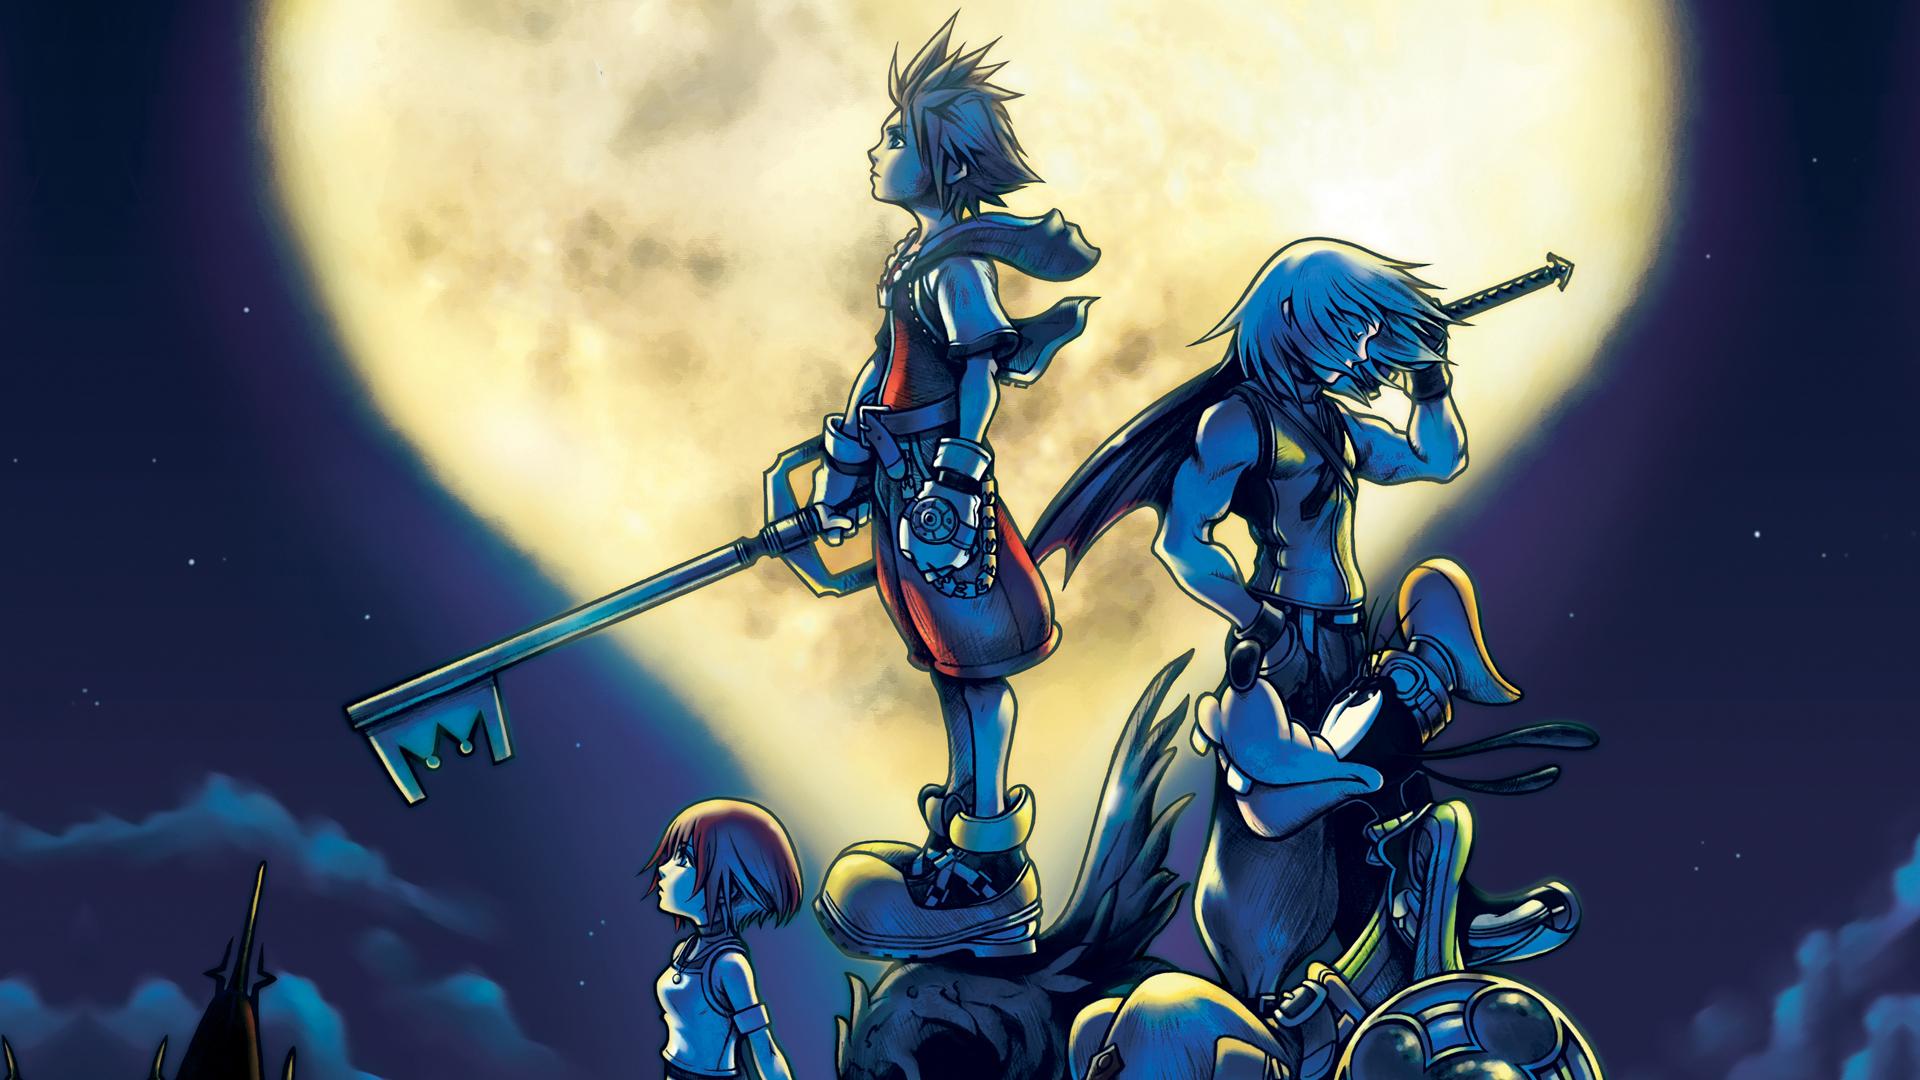 Kingdom Hearts Hd Wallpaper 1920x1080 52464